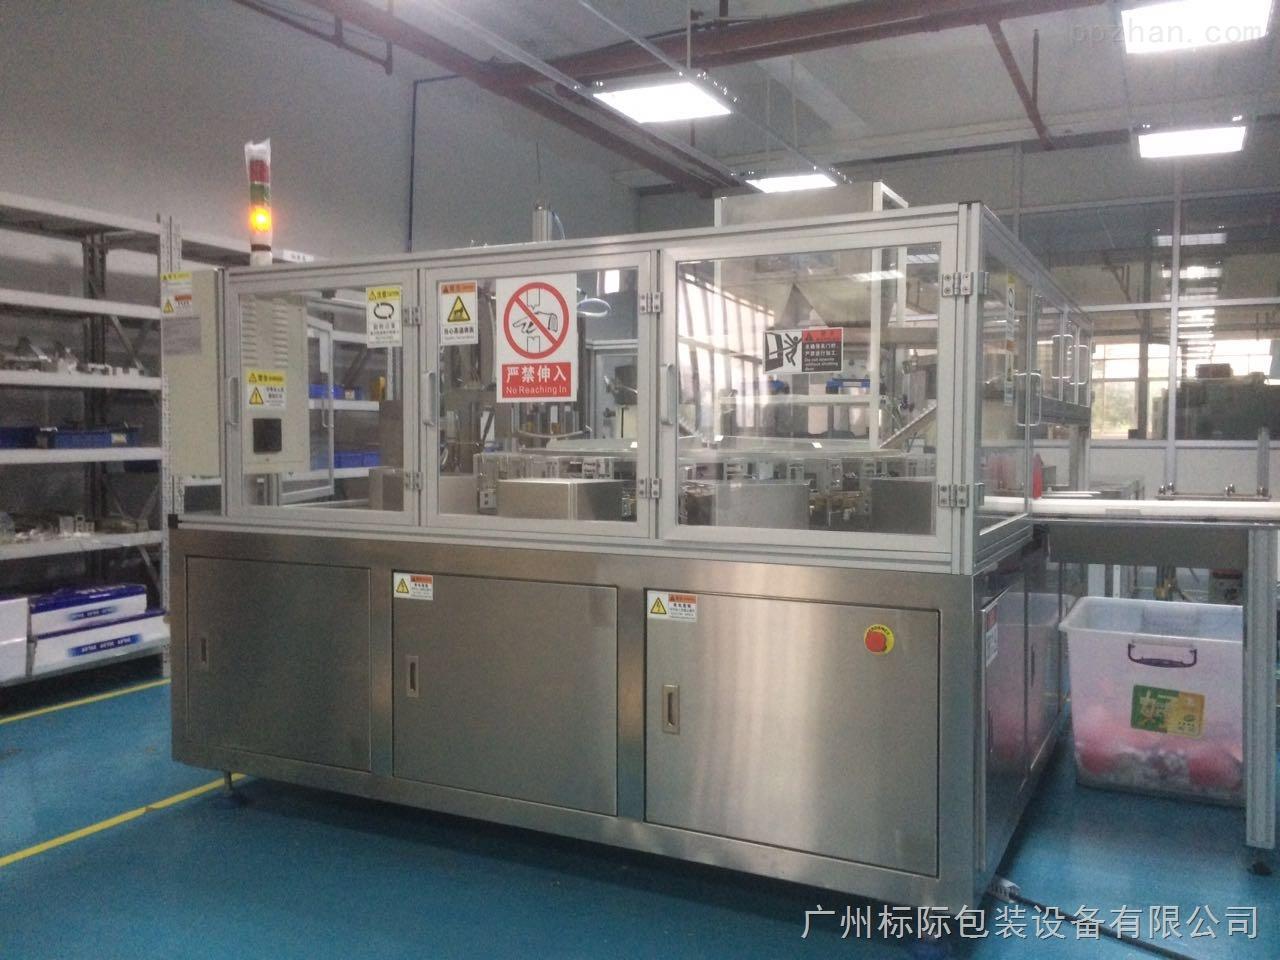 GF-1600-GF-1600全自动吸嘴袋封管机|全自动吸嘴袋焊嘴机|全自动吸嘴袋压嘴机